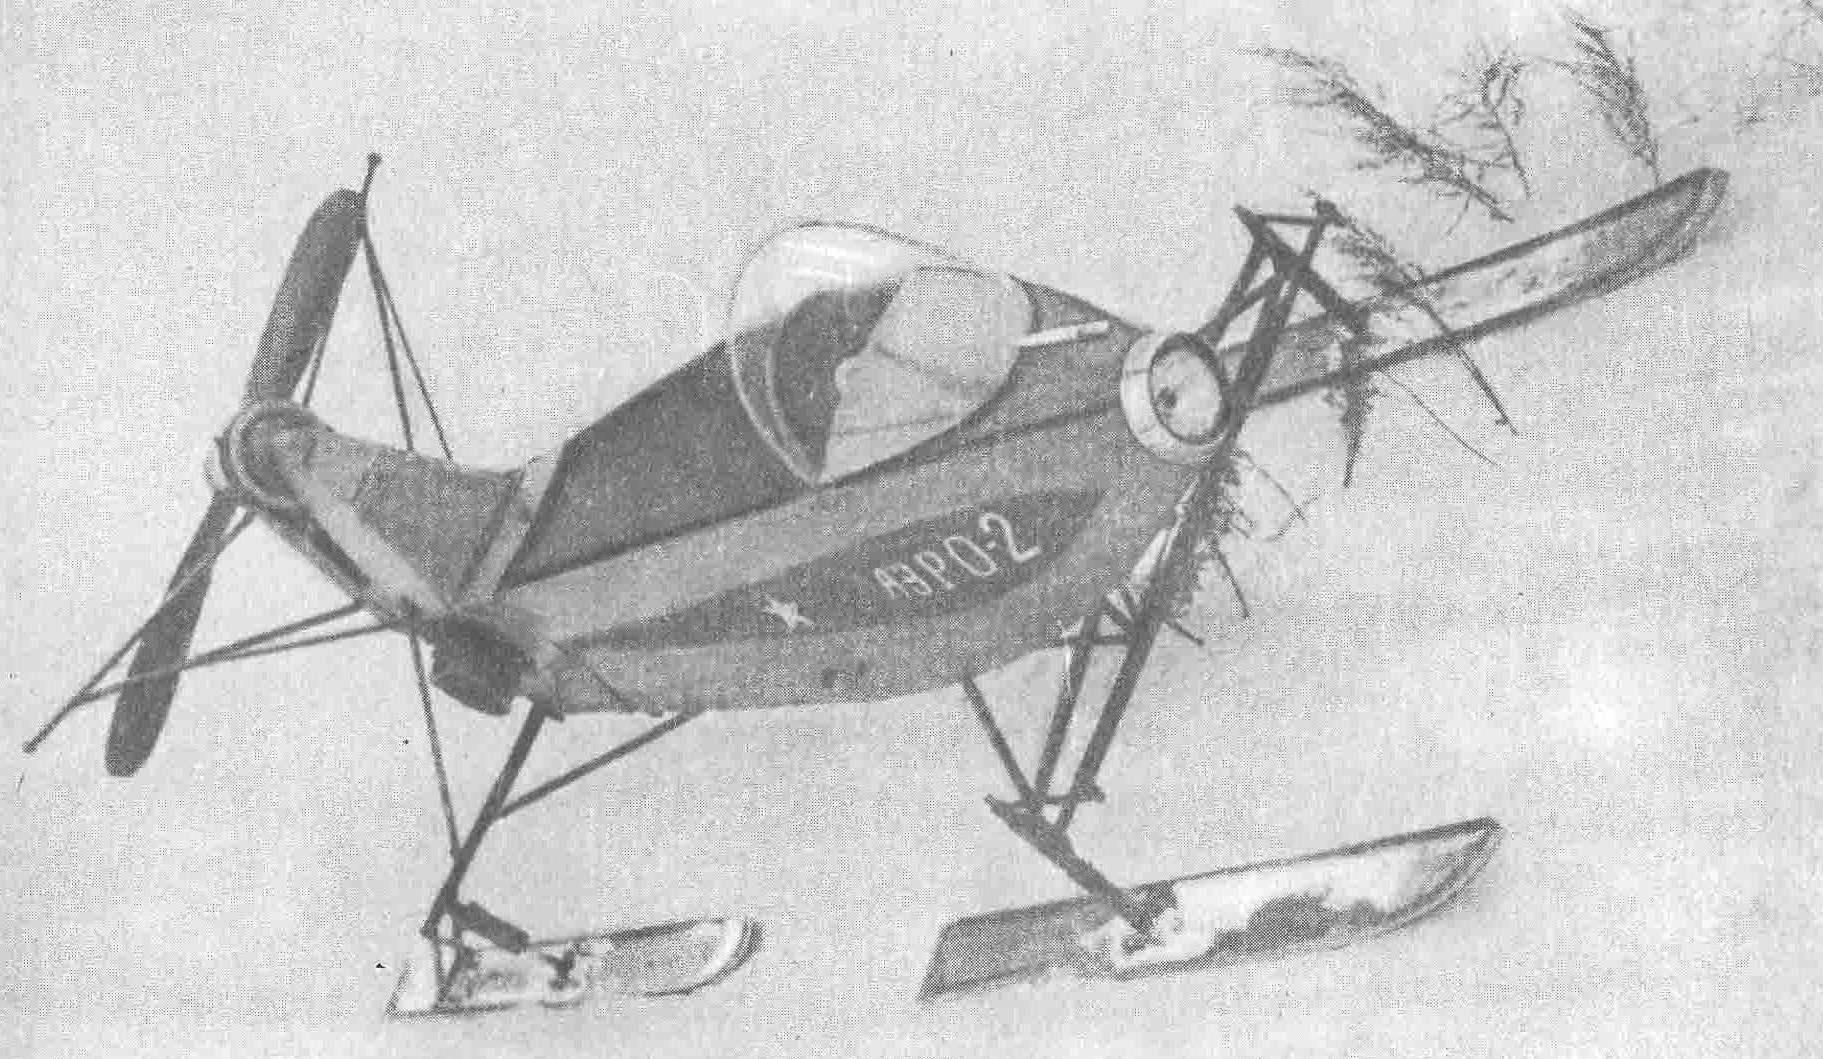 Оригинальная подвеска лыж аэросаней, построенных П. Семкиным, на рамках-качалках.